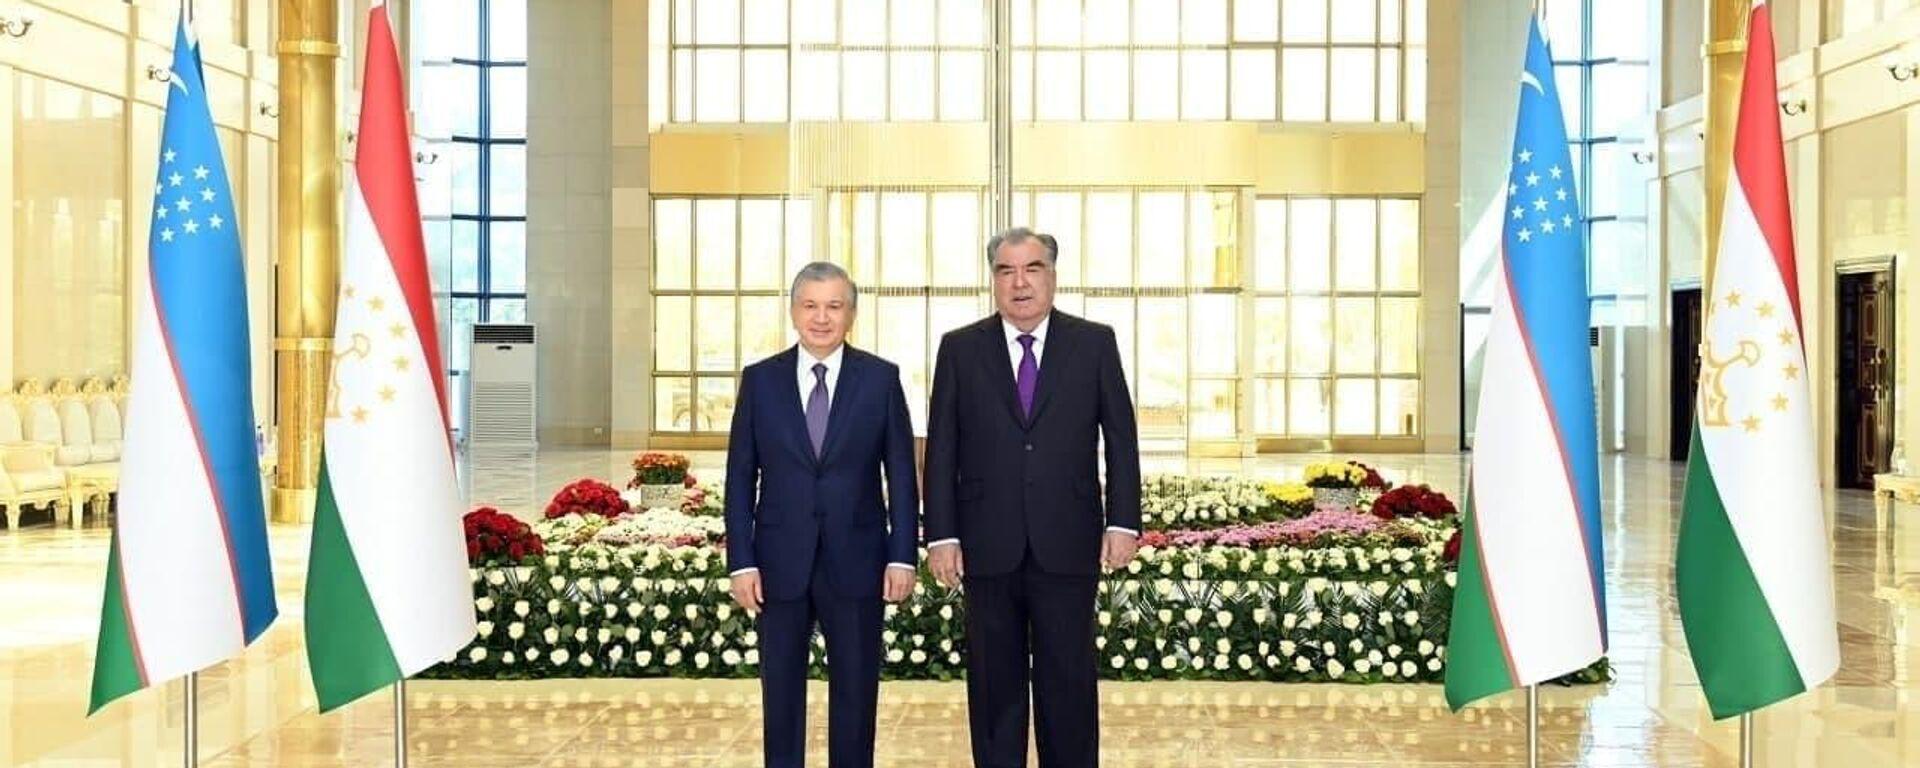 Tseremoniya vstrechi prezidenta Uzbekistana Shavkata Mirziyoyeva v aeroportu Dushanbe - Sputnik Oʻzbekiston, 1920, 23.08.2021